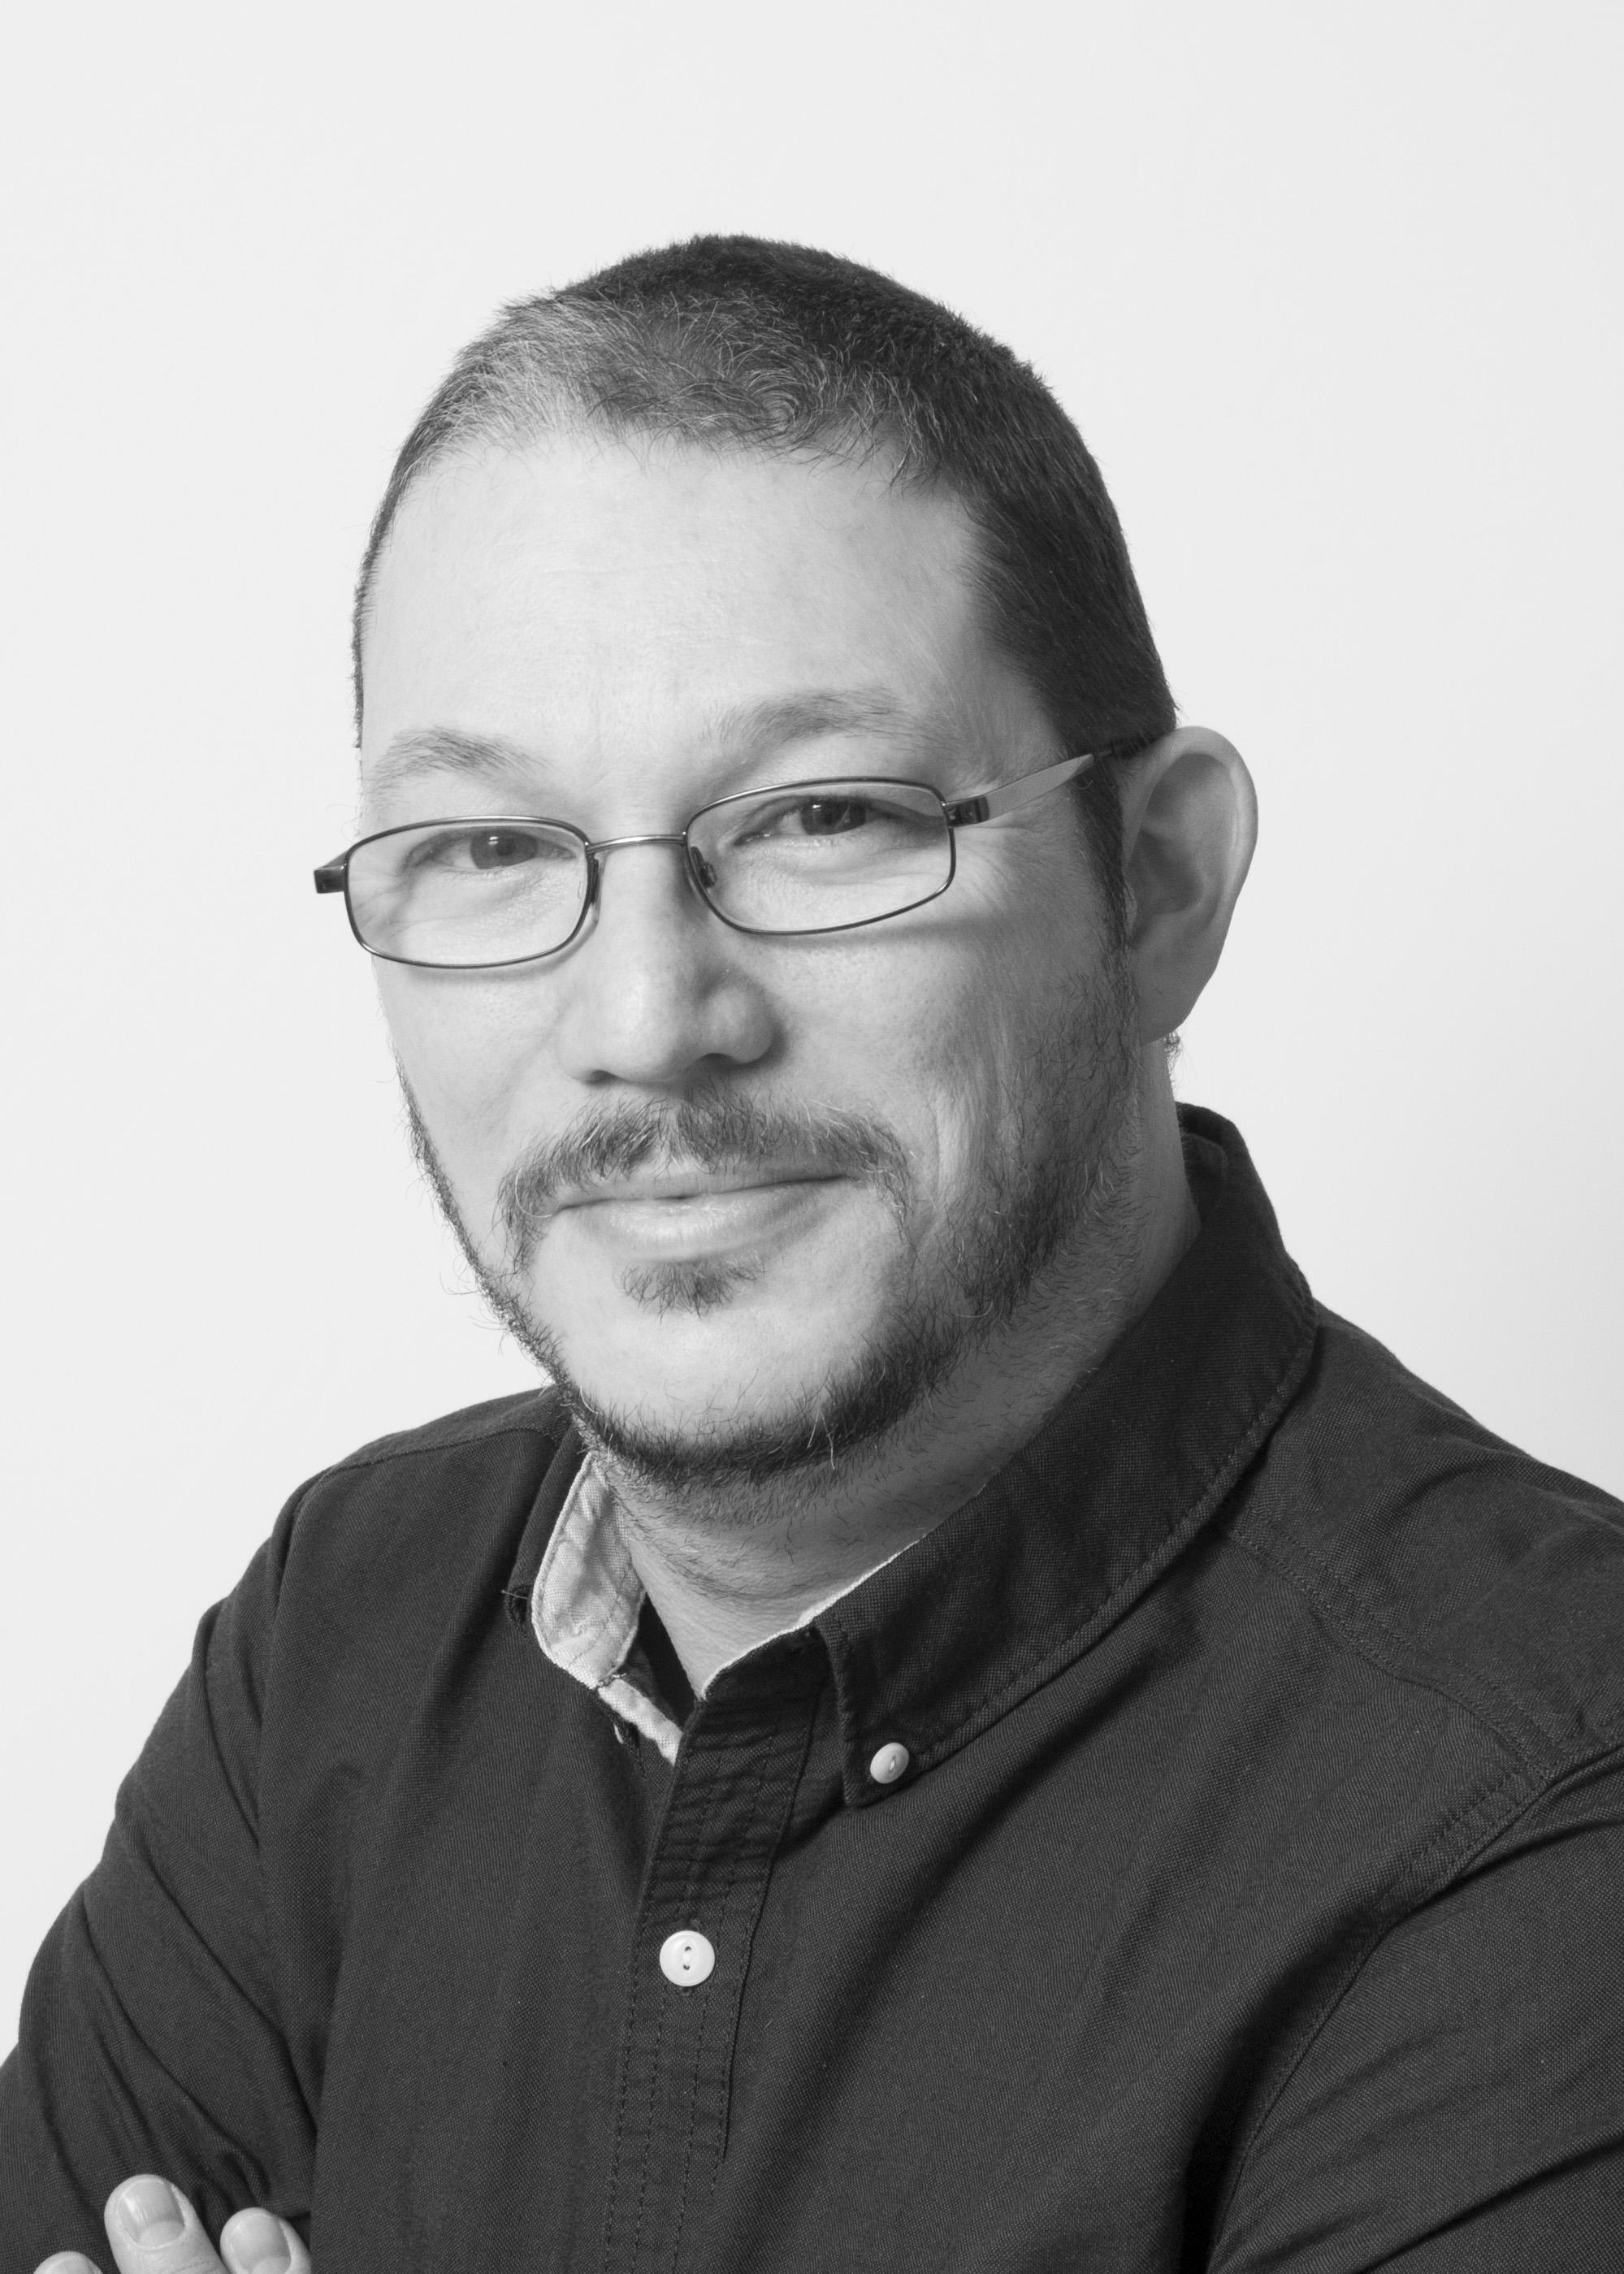 Simon James Atkinson Turney